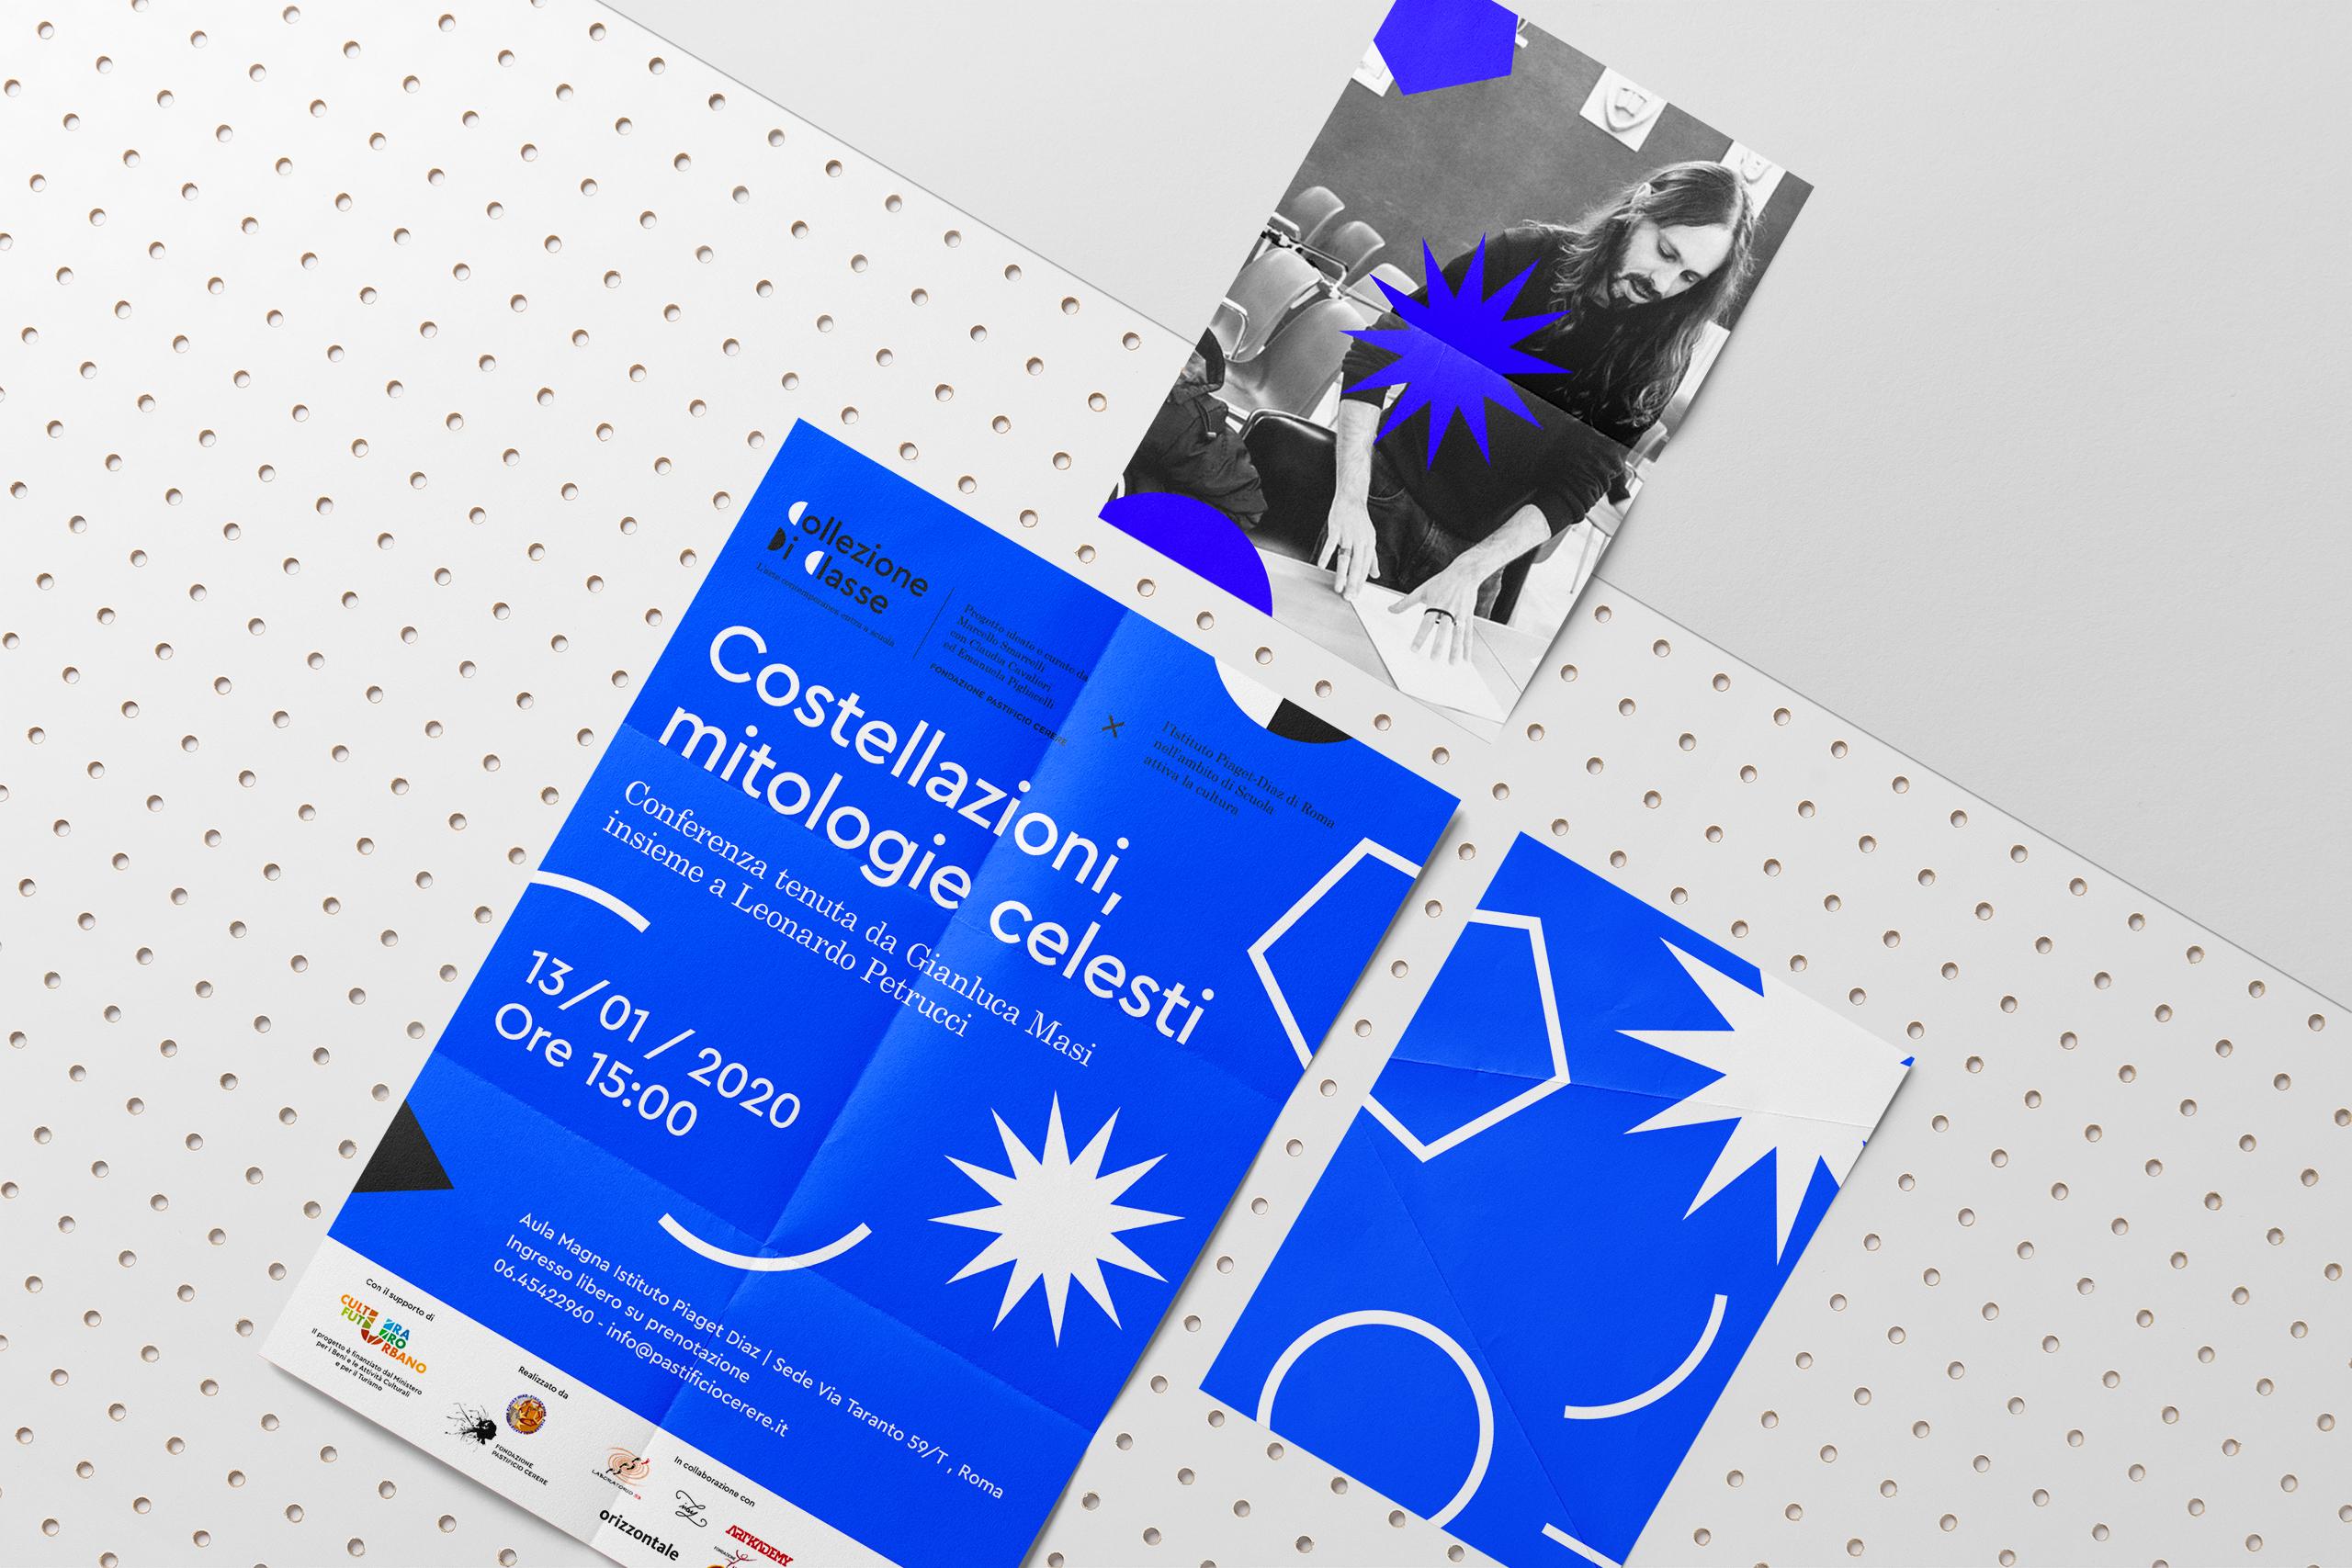 Giampiero_Quaini_collezionediclasse_flyer